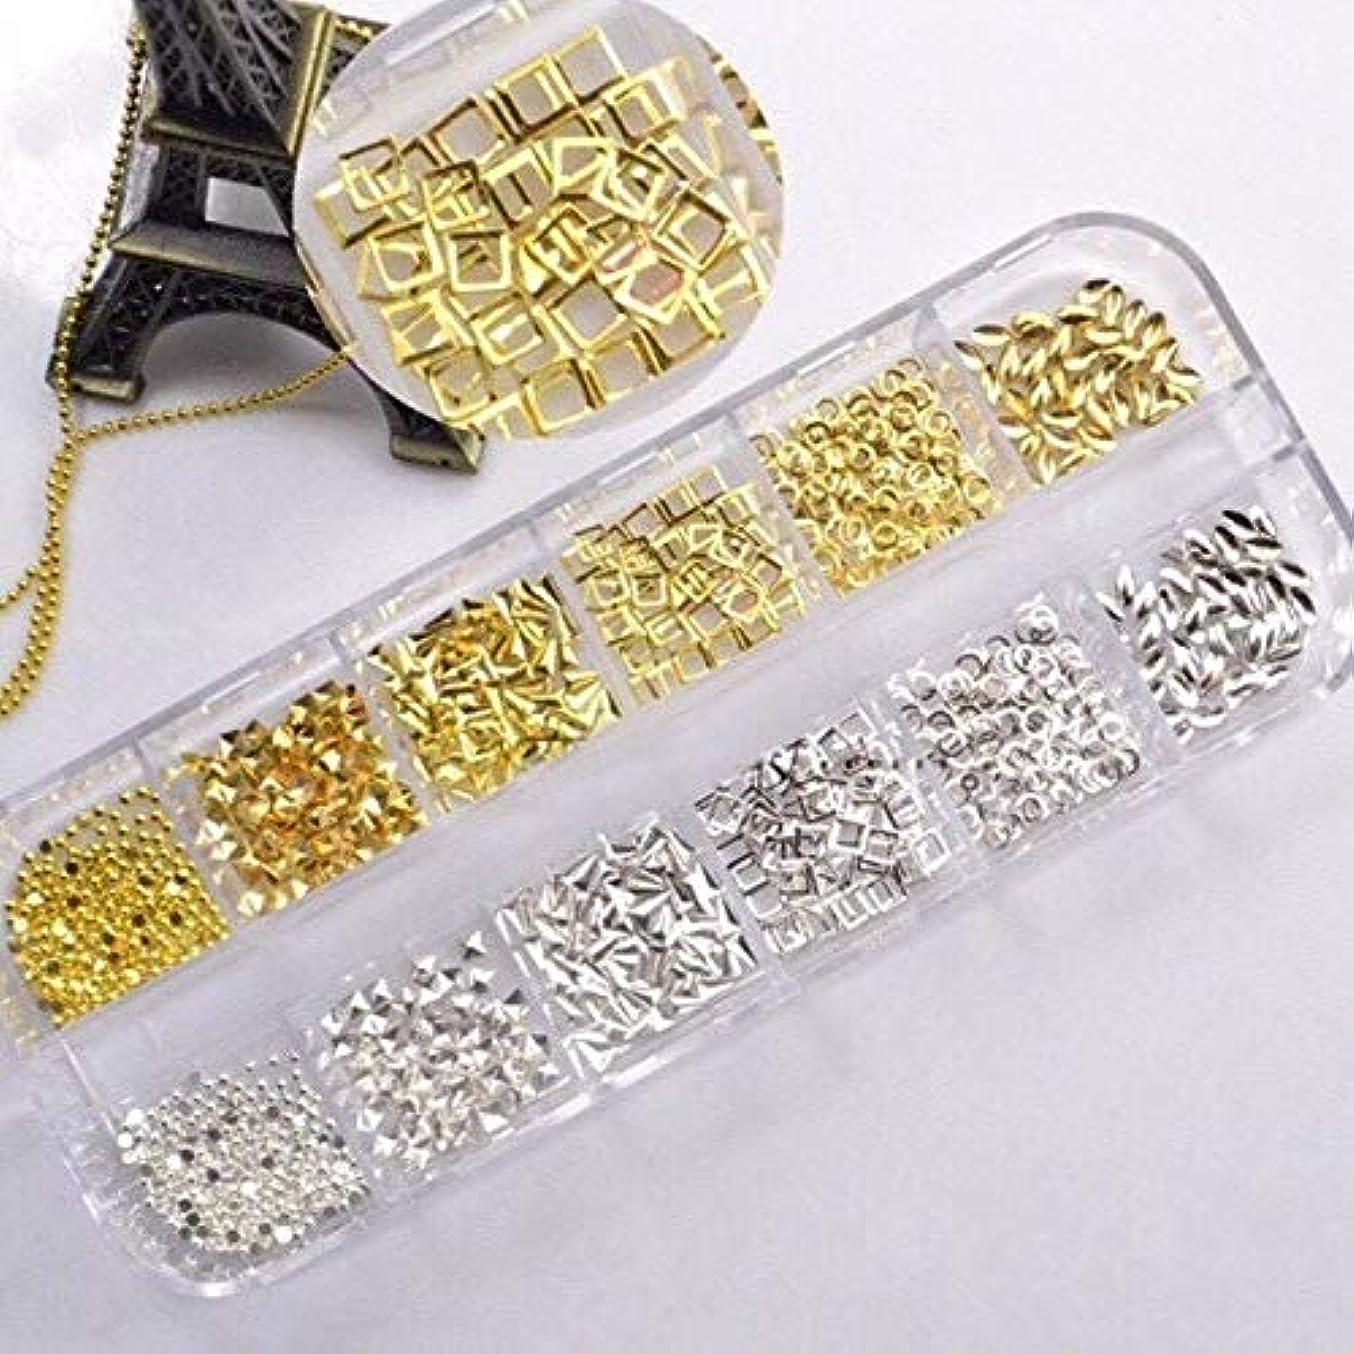 カーテン神の基礎【ネイルウーマン】メタルパーツ ゴールド/シルバー 12種類セット (Gセット /1.5mm~3mmサイズ/約400粒入り) ケース入り